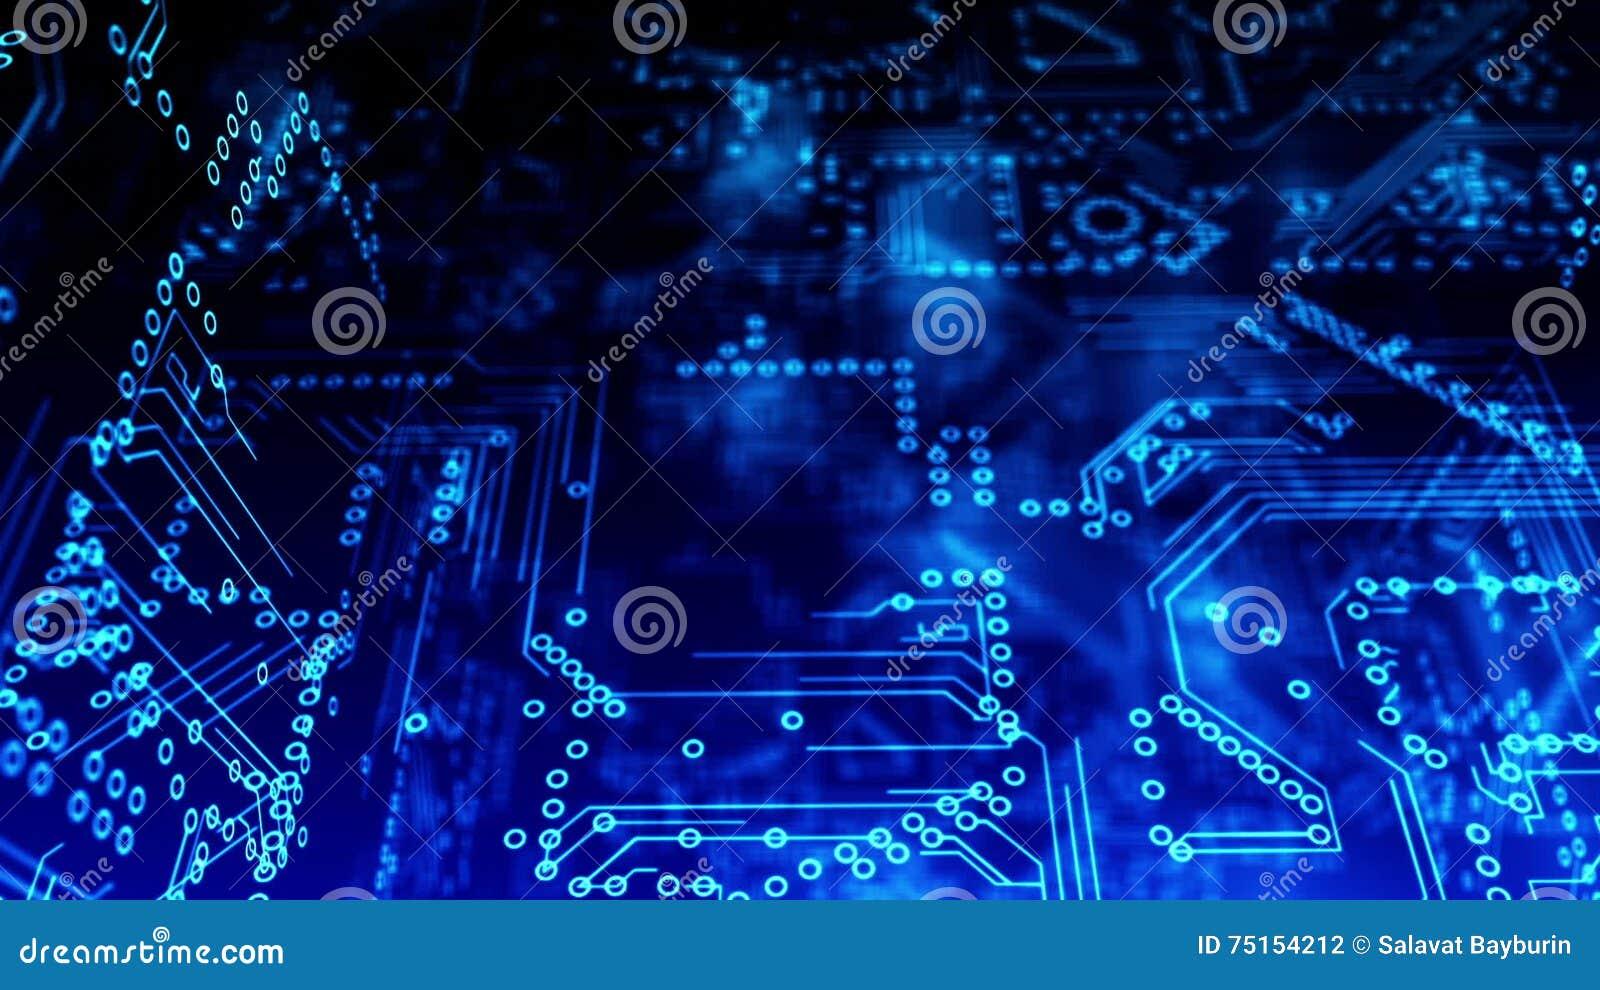 Circuito Lineal : Circuito eléctrico del esquema mosca de la cámara y conexión